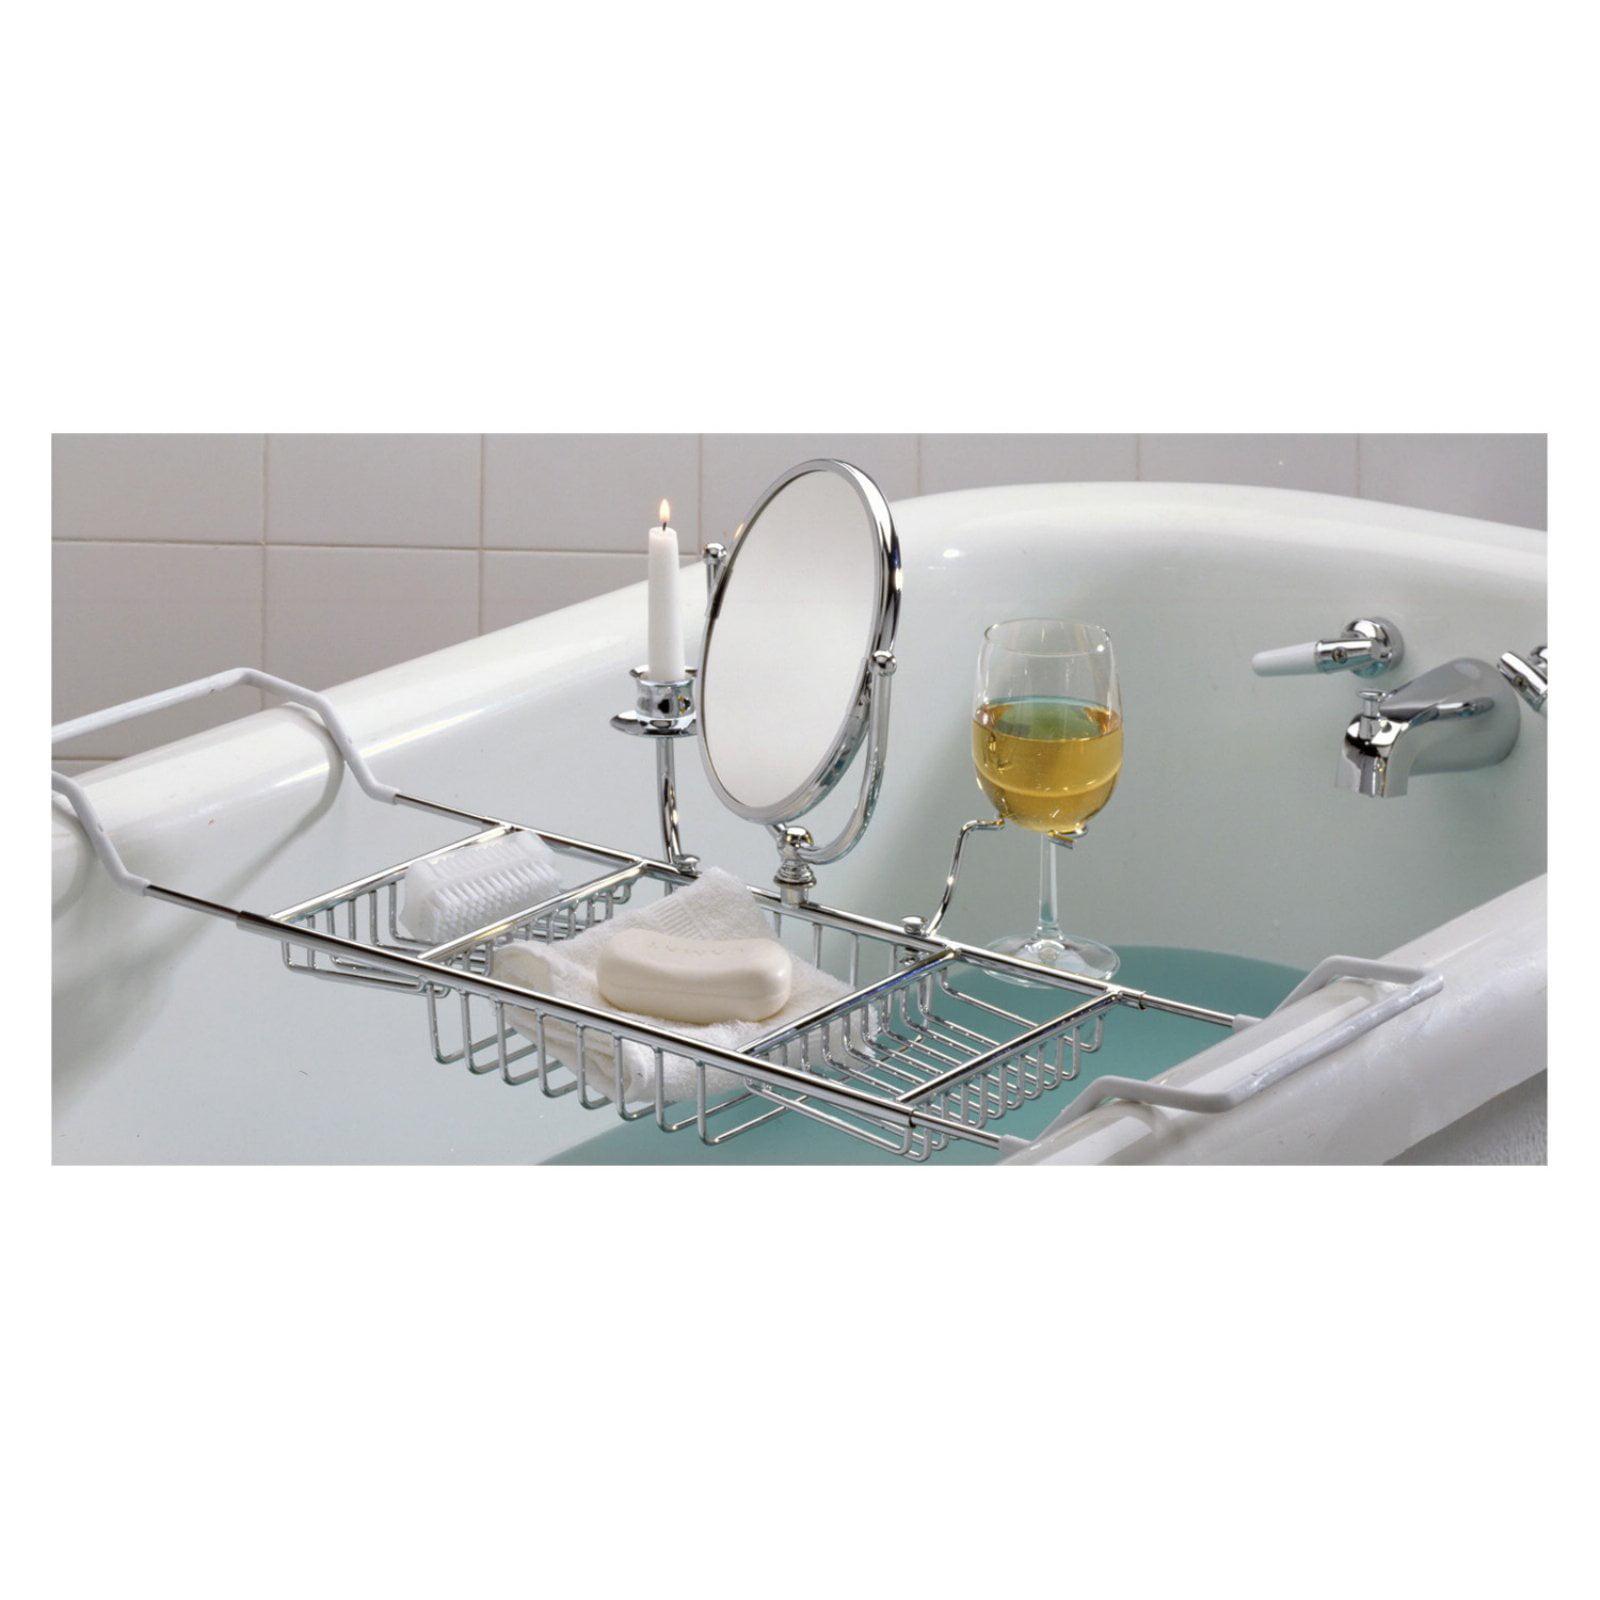 Taymor Ultimate Bathtub Caddy - 02-DU8590PB